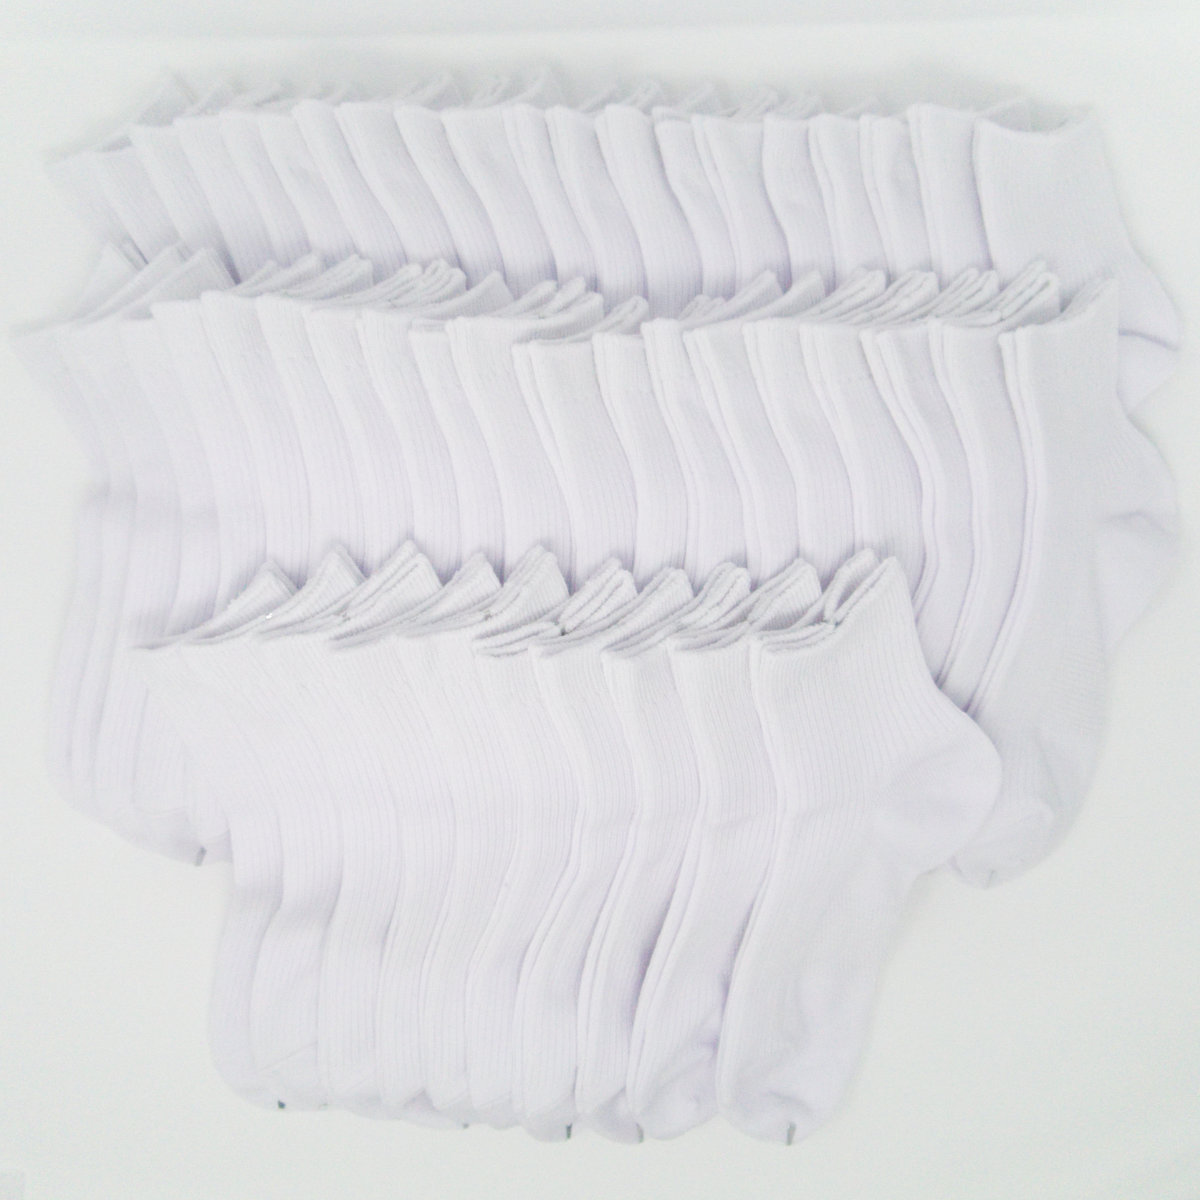 日本製 抗菌防臭加工 ホワイト サポーター ショートソックス 24~26cm Mサイズ 50足セット